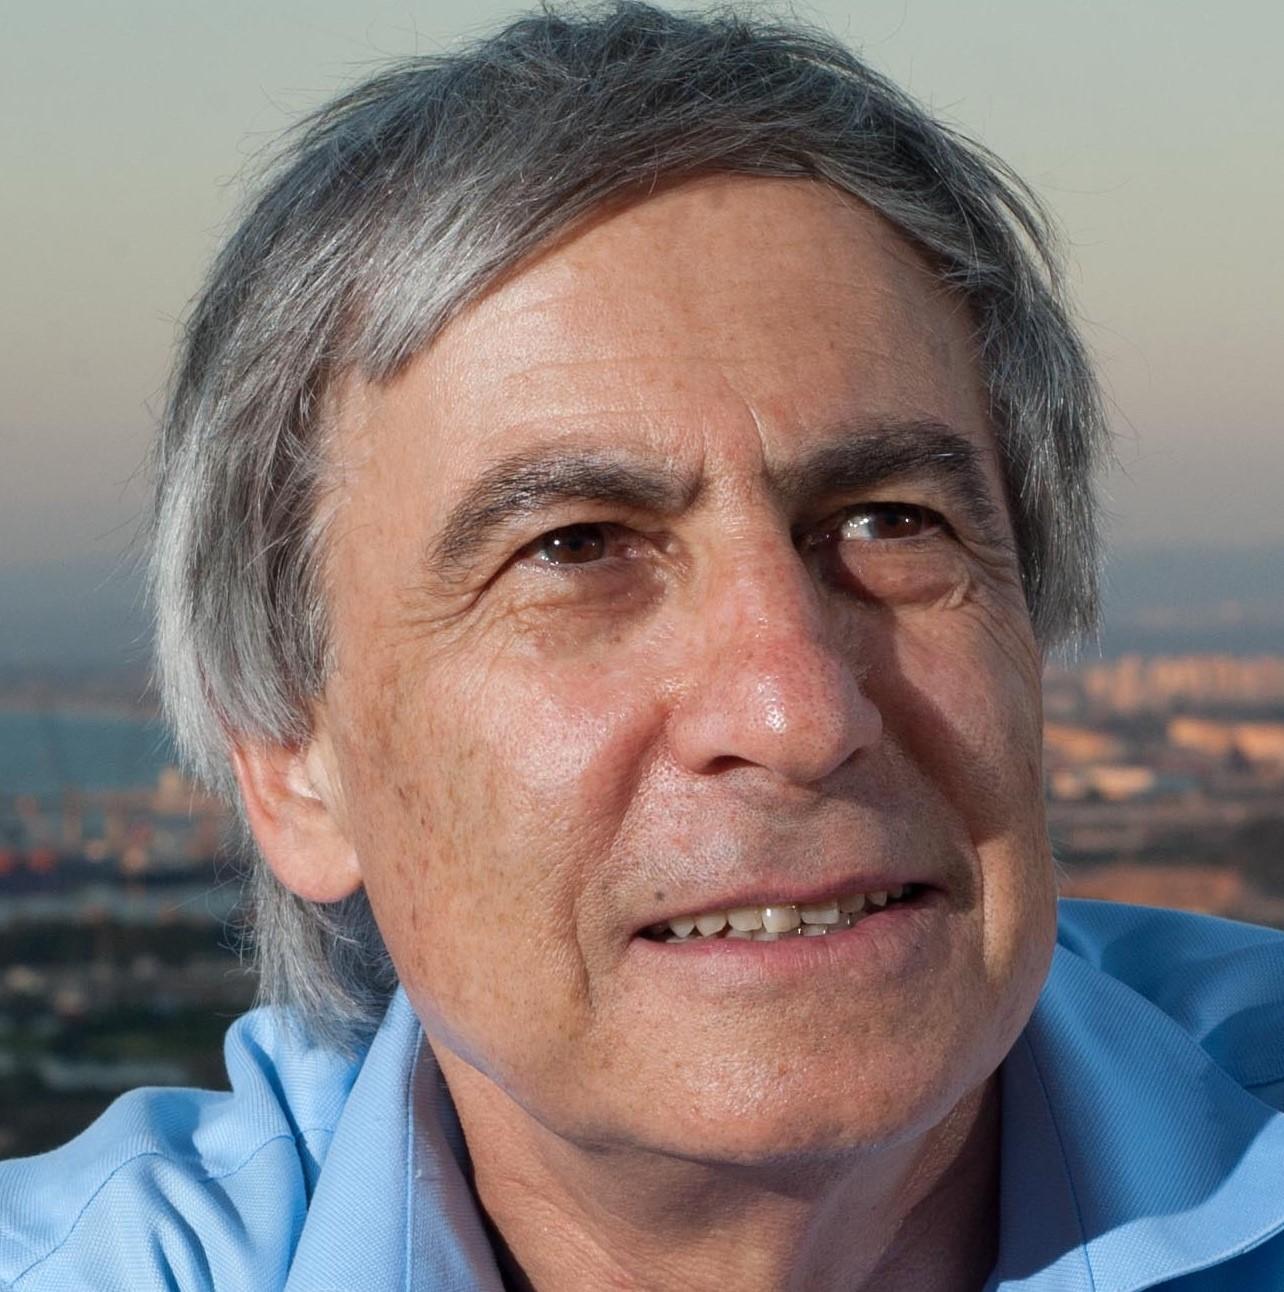 פרופ' אהוד קינן, הפקולטה לכימיה בטכניון